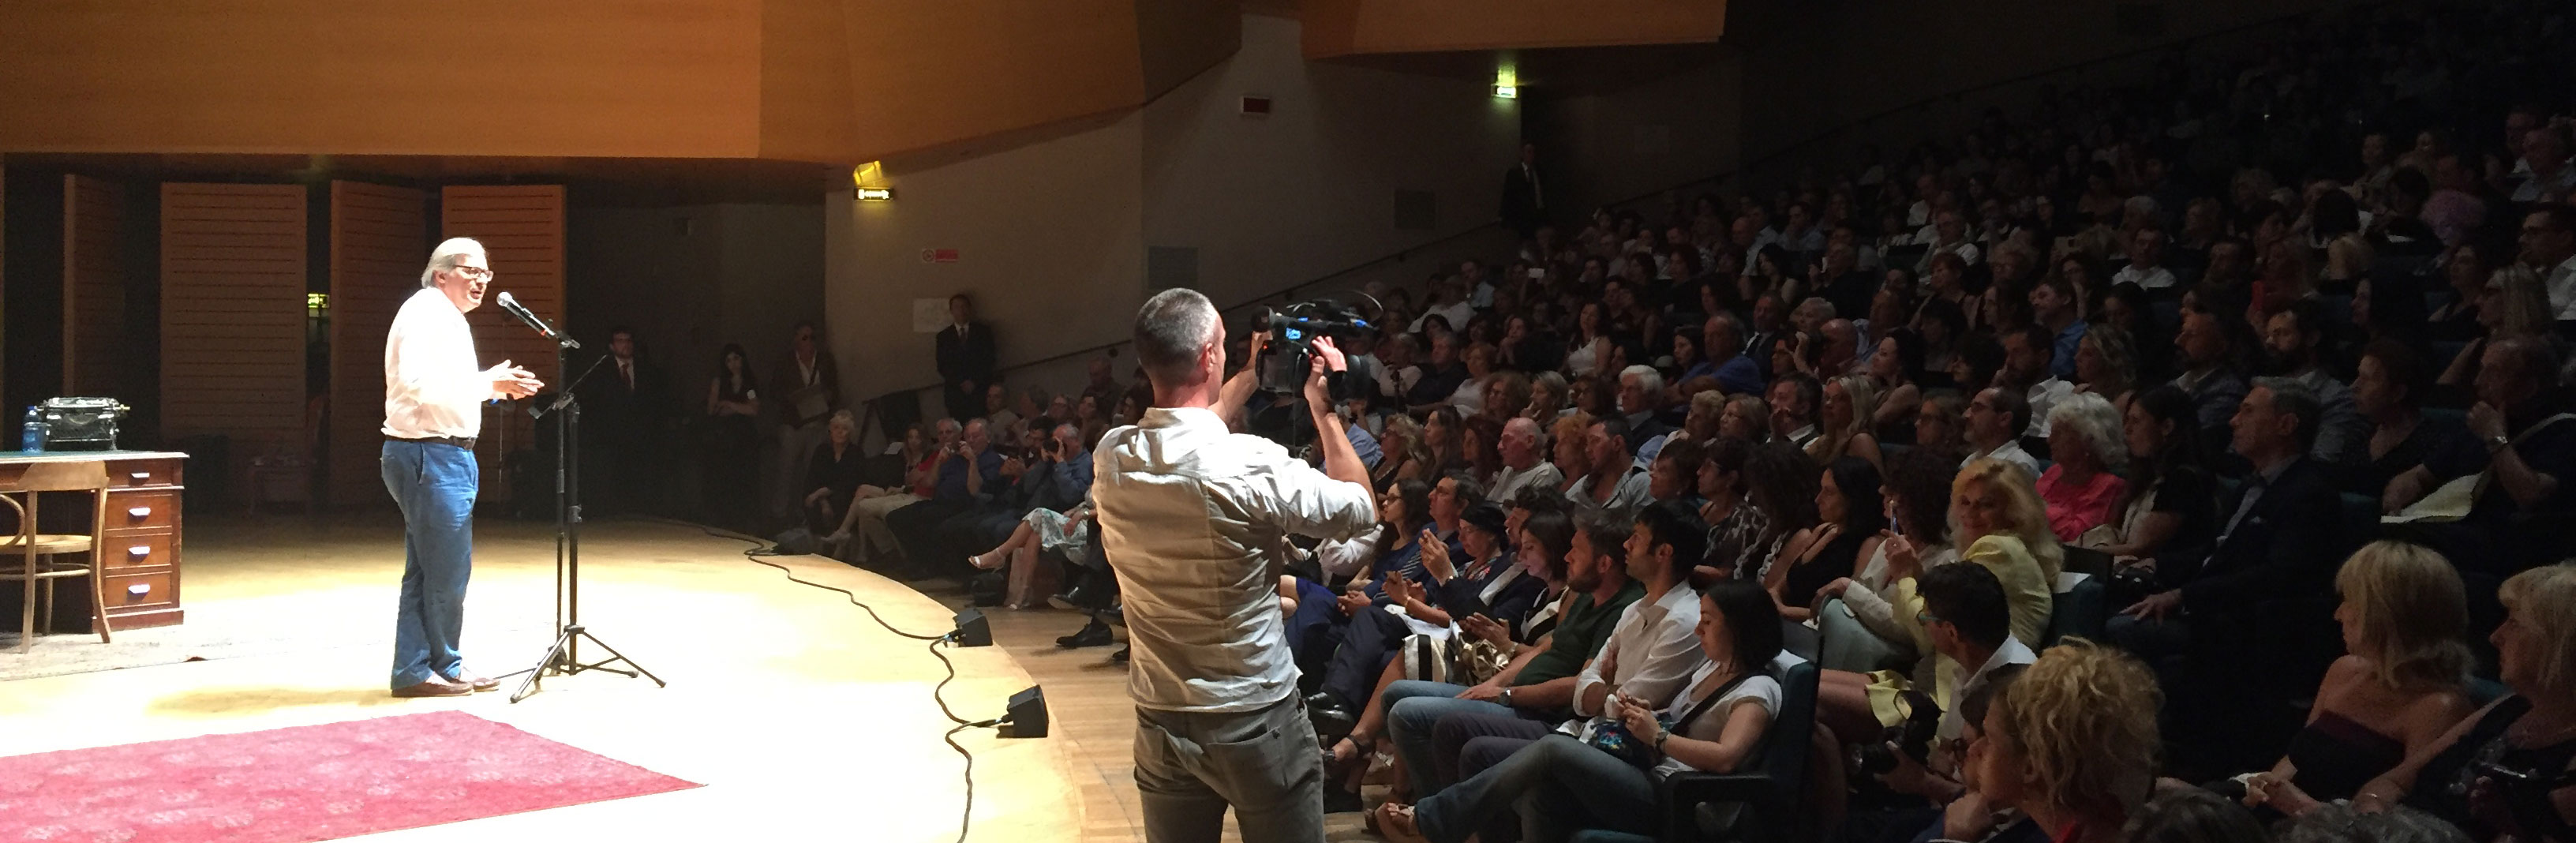 Intervento di Vittorio Sgarbi alla platea di artisti